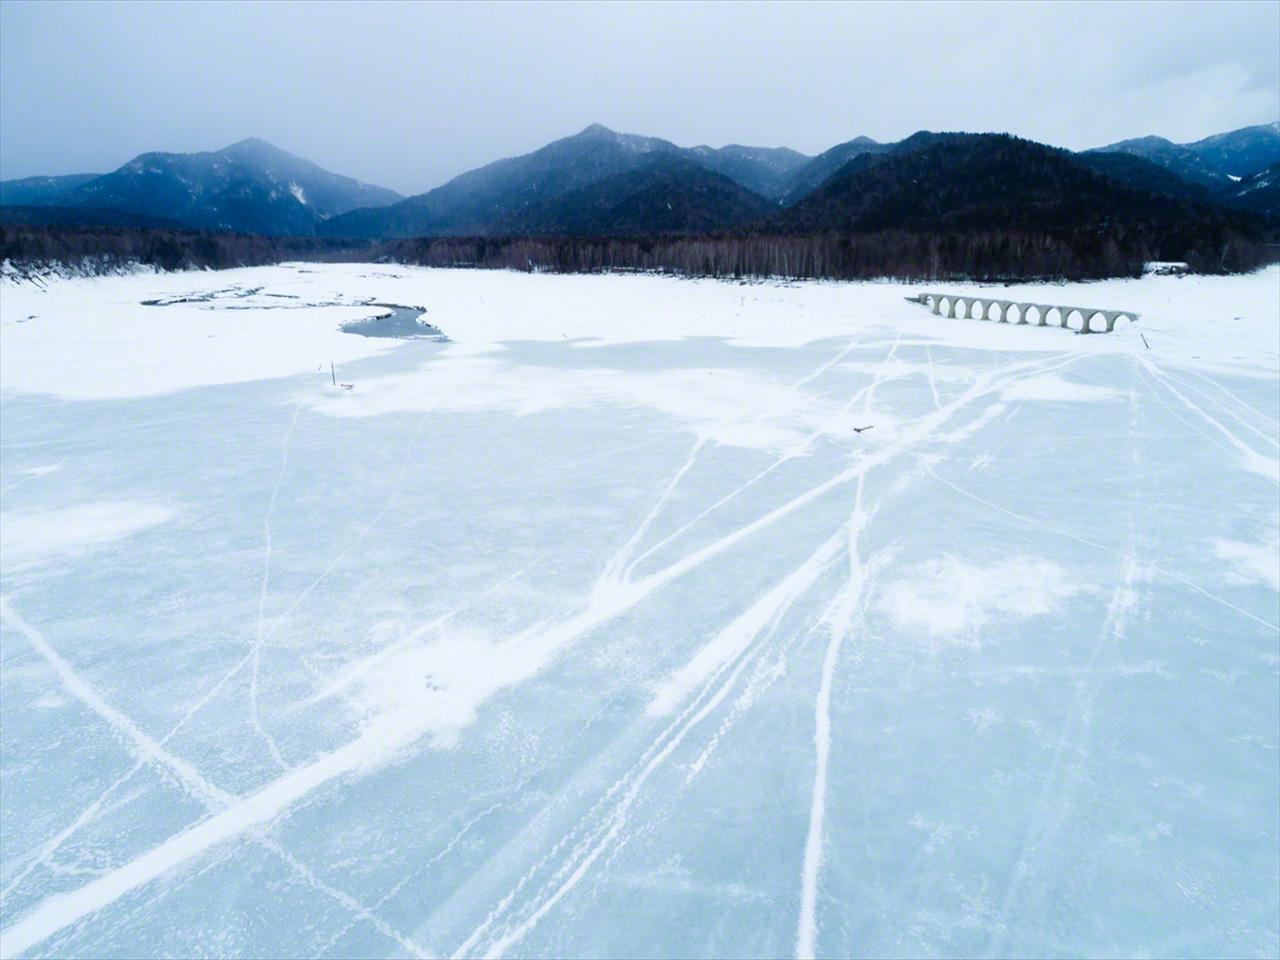 En marzo, cuando el hielo se vuelve inestable, se prohíbe el acceso al lago, por lo que la zona queda prácticamente desierta.